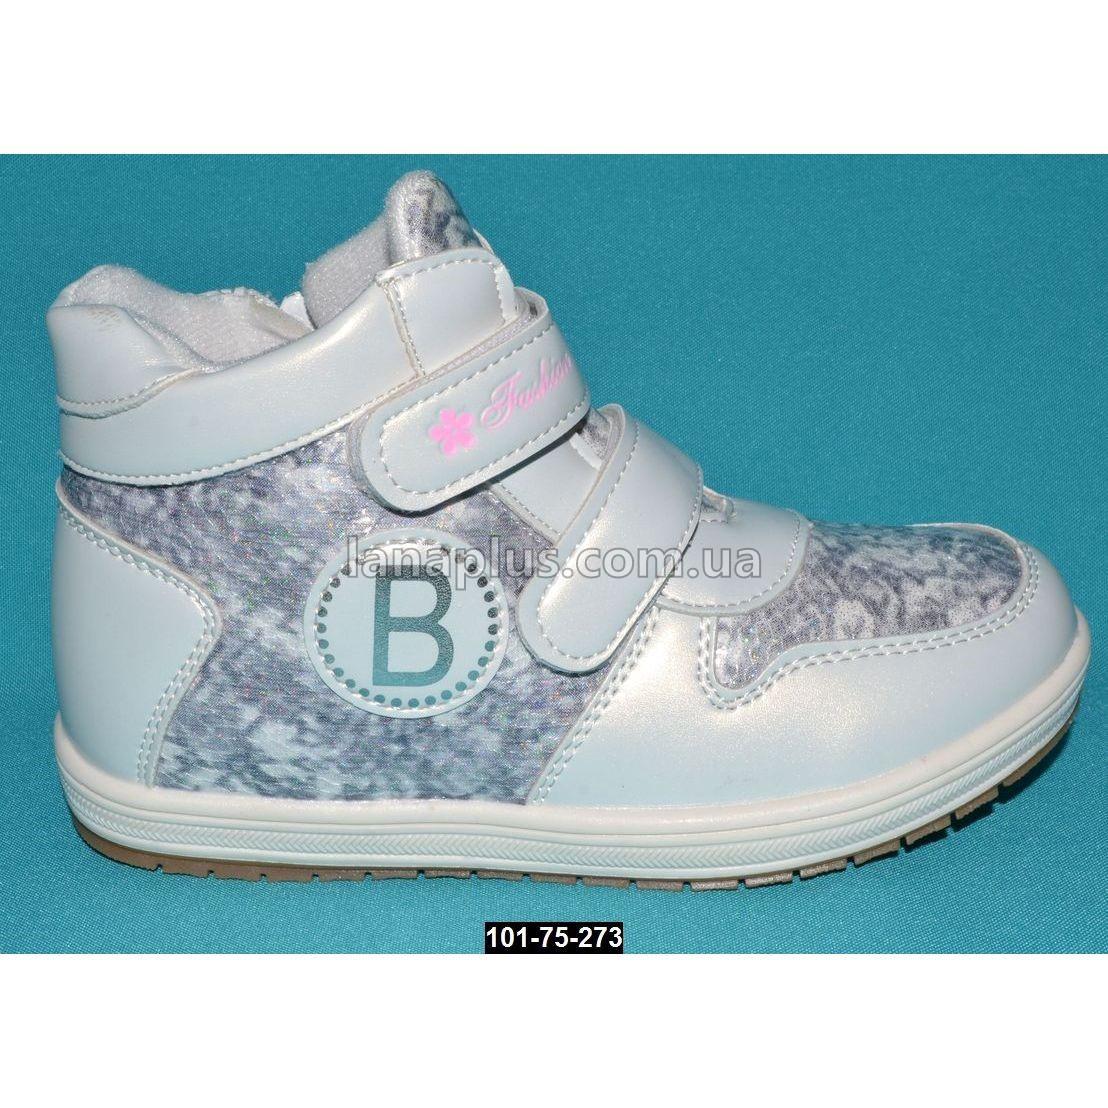 Демисезонные ботинки для девочки, 27 размер (17.2 см), супинатор, кожаная стелька